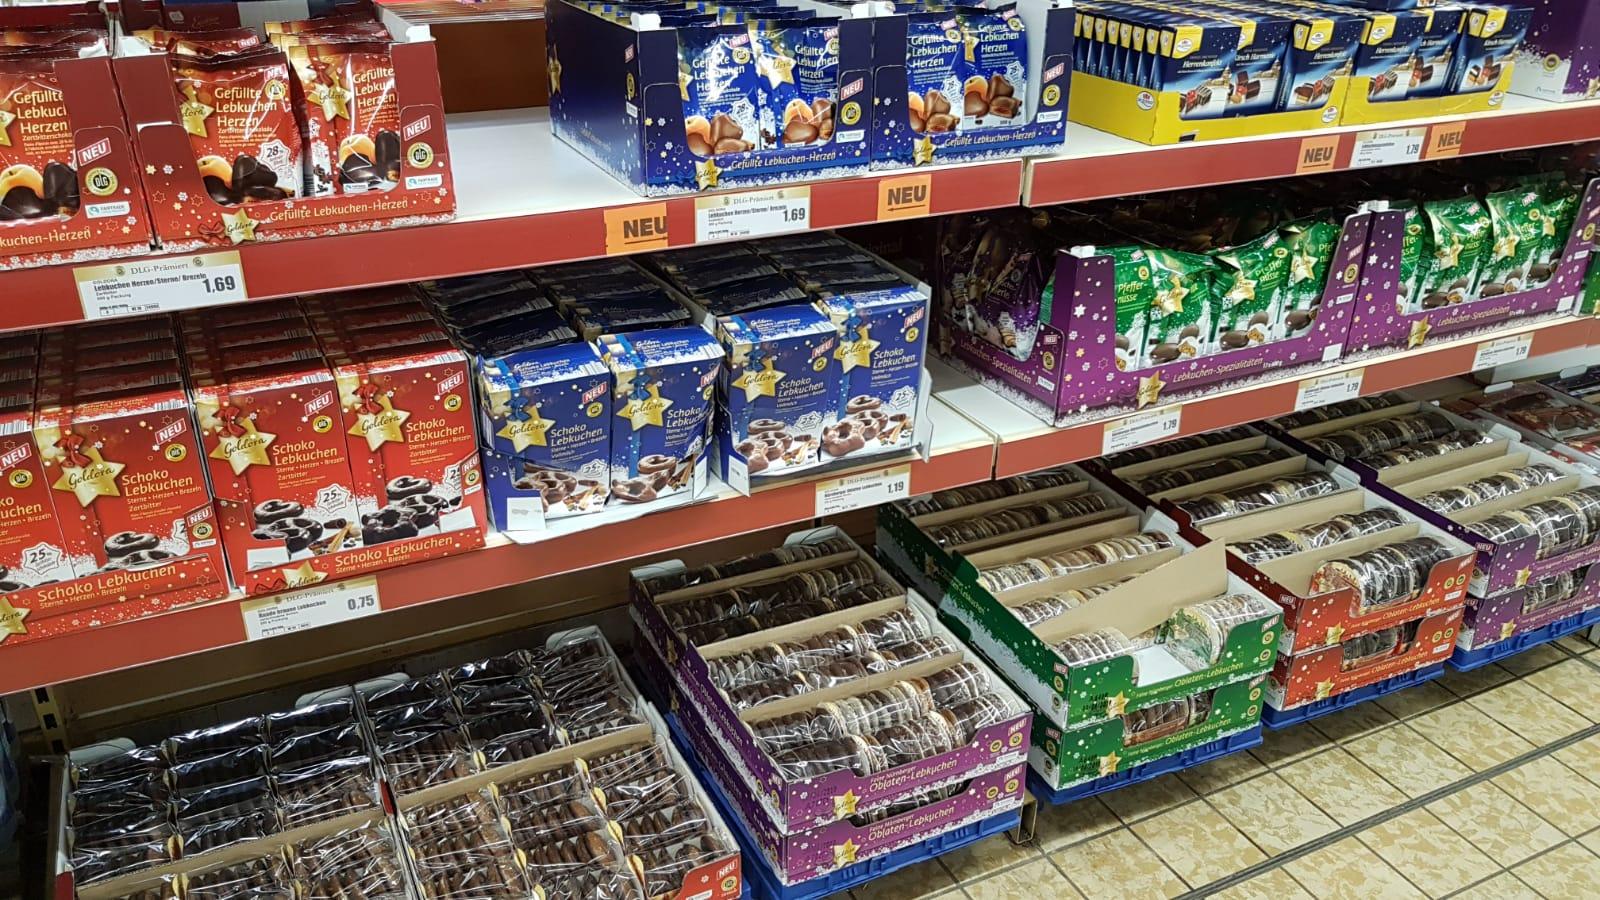 Weihnachtsgebäck Im August.Fröhliche Weihnachten Erste Supermärkte In Halle Haben